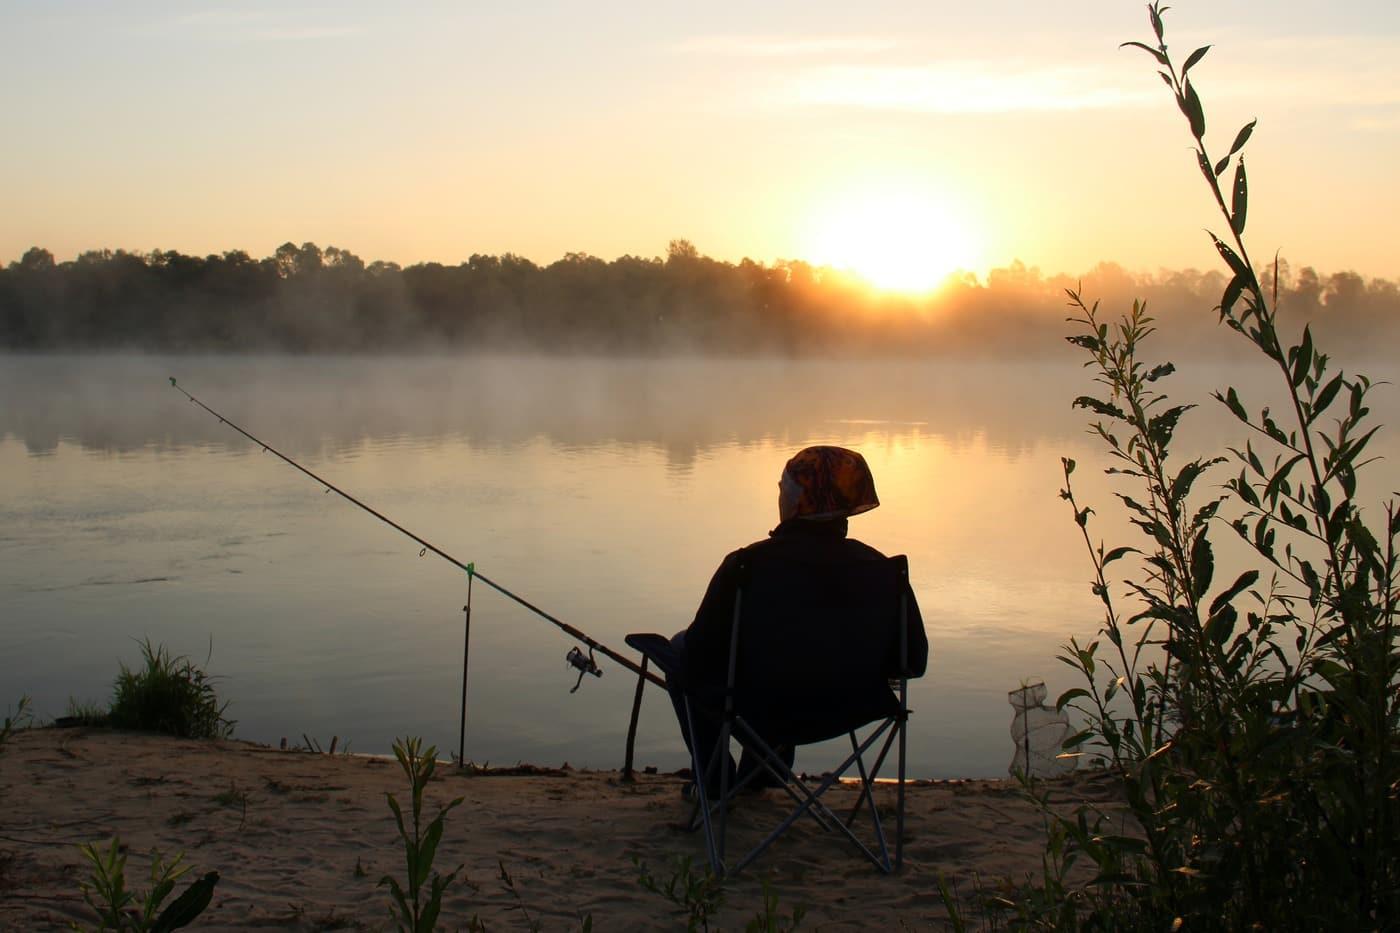 Лунный календарь рыбака на август 2019: благоприятные дня для клёва рыбы